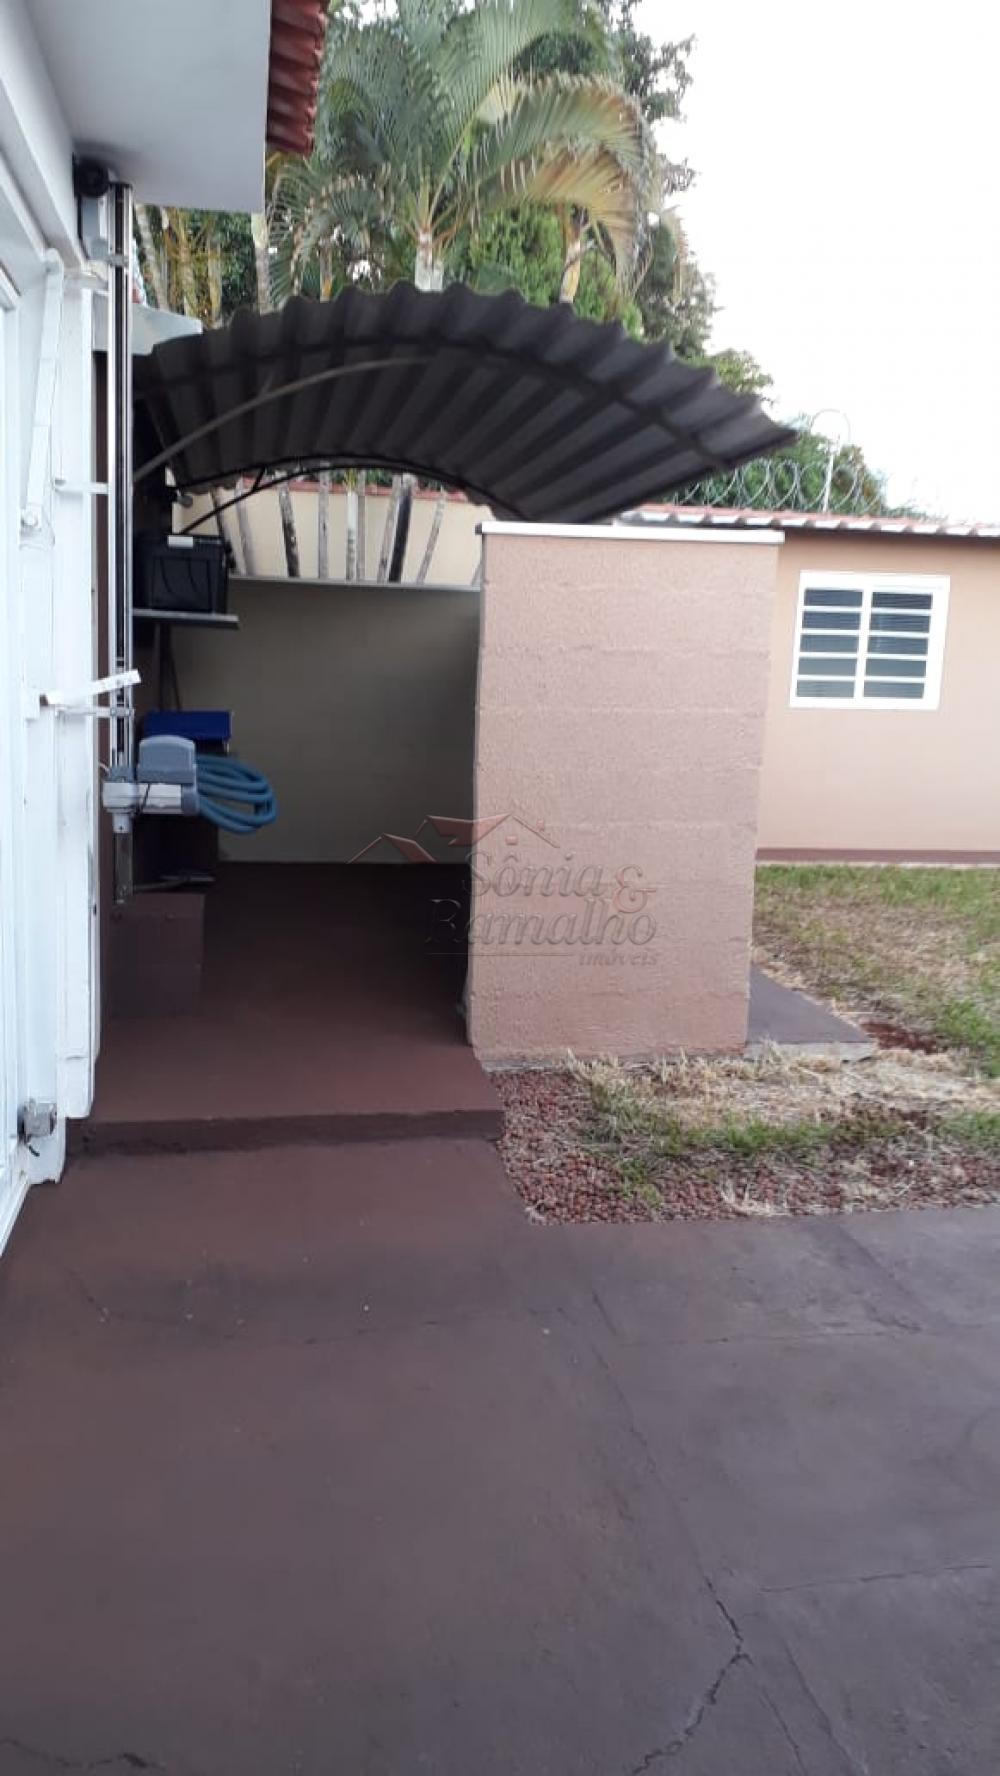 Comprar Casas / Padrão em Ribeirão Preto apenas R$ 404.000,00 - Foto 4